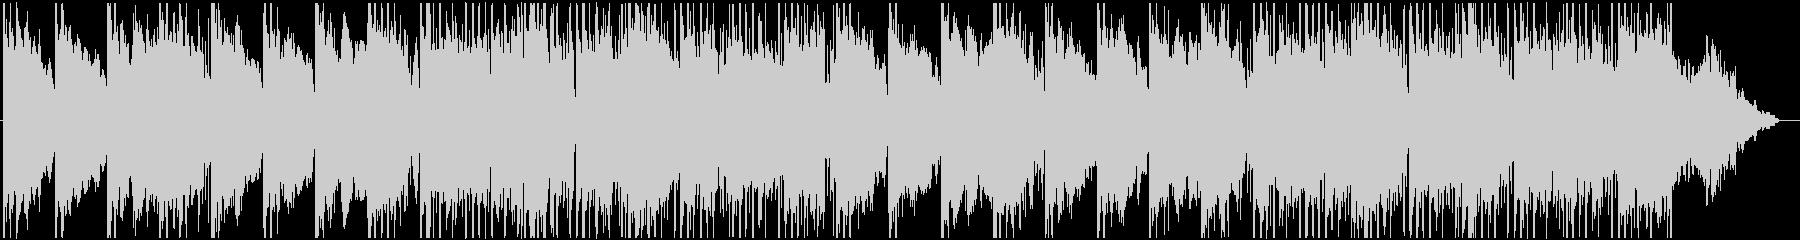 ケルト、アイリッシュ、ファンタジーBGMの未再生の波形